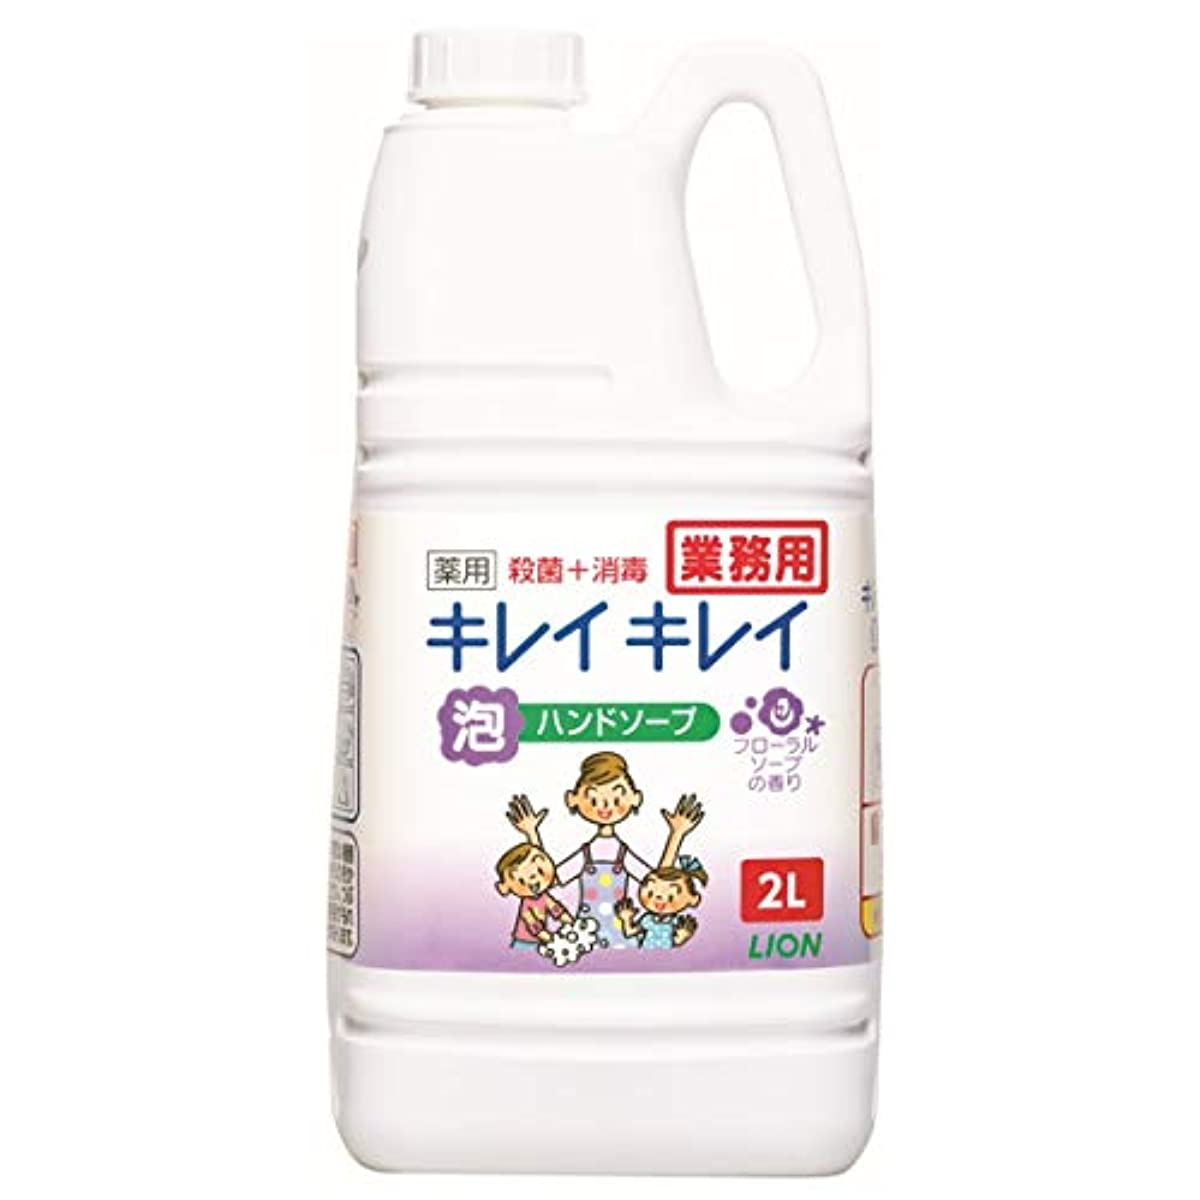 電子デクリメント階層【大容量】キレイキレイ 薬用泡ハンドソープ フローラルソープの香り 2L